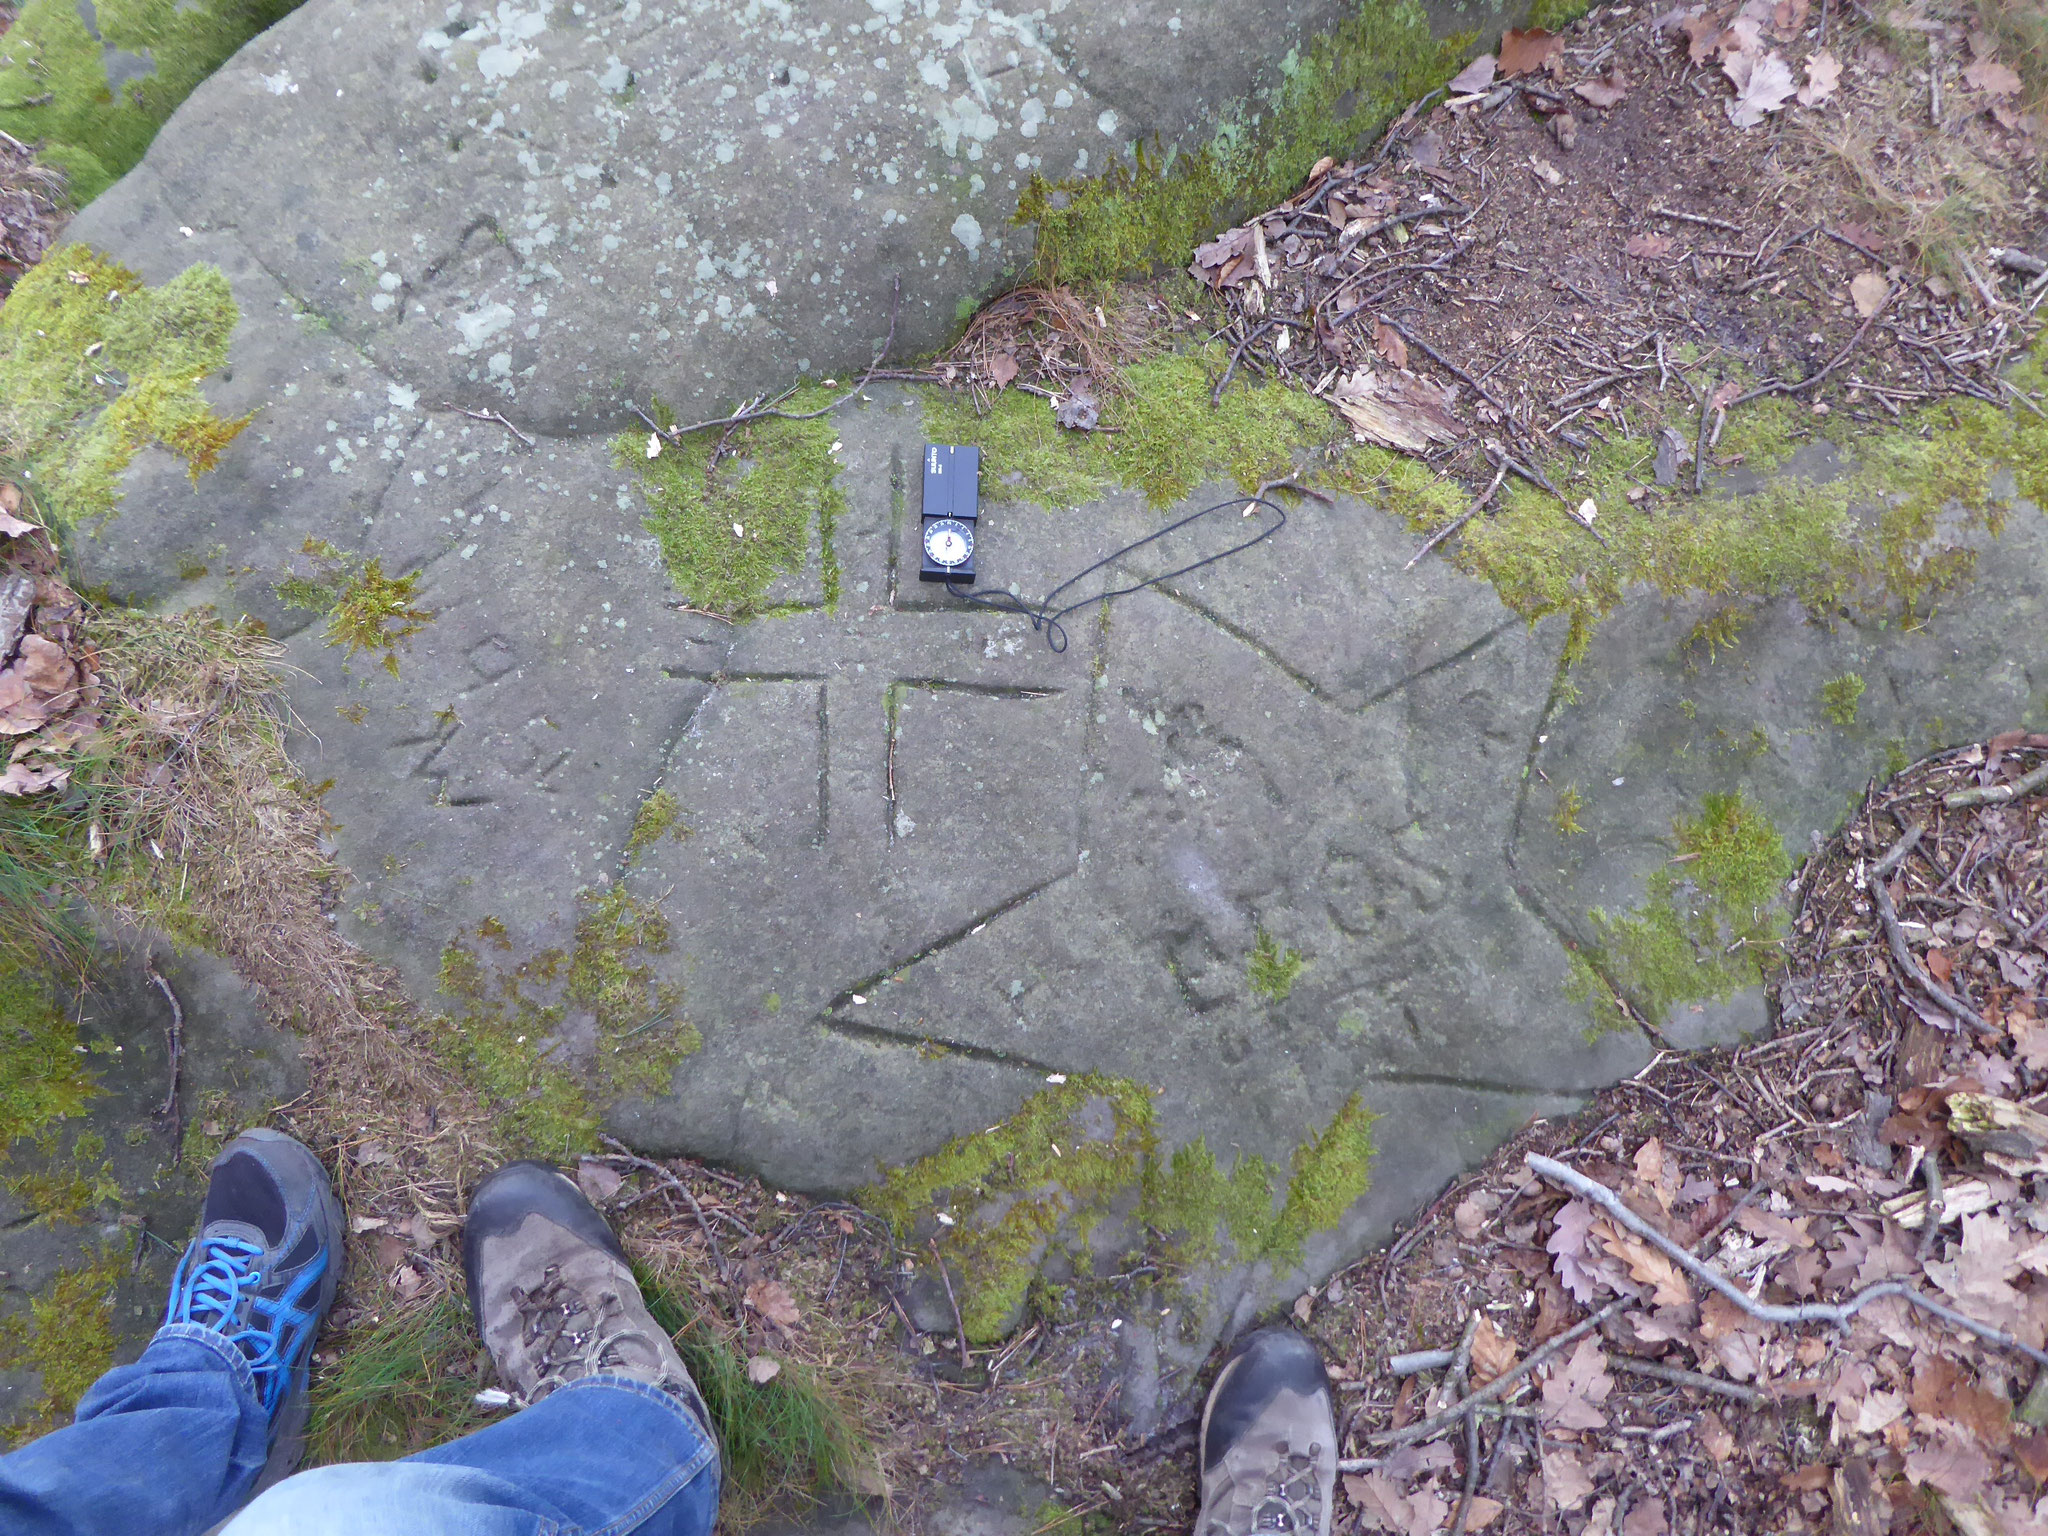 Auf diesem Felsen sind ein Kreuz und ein Stern eingemeißelt worden.